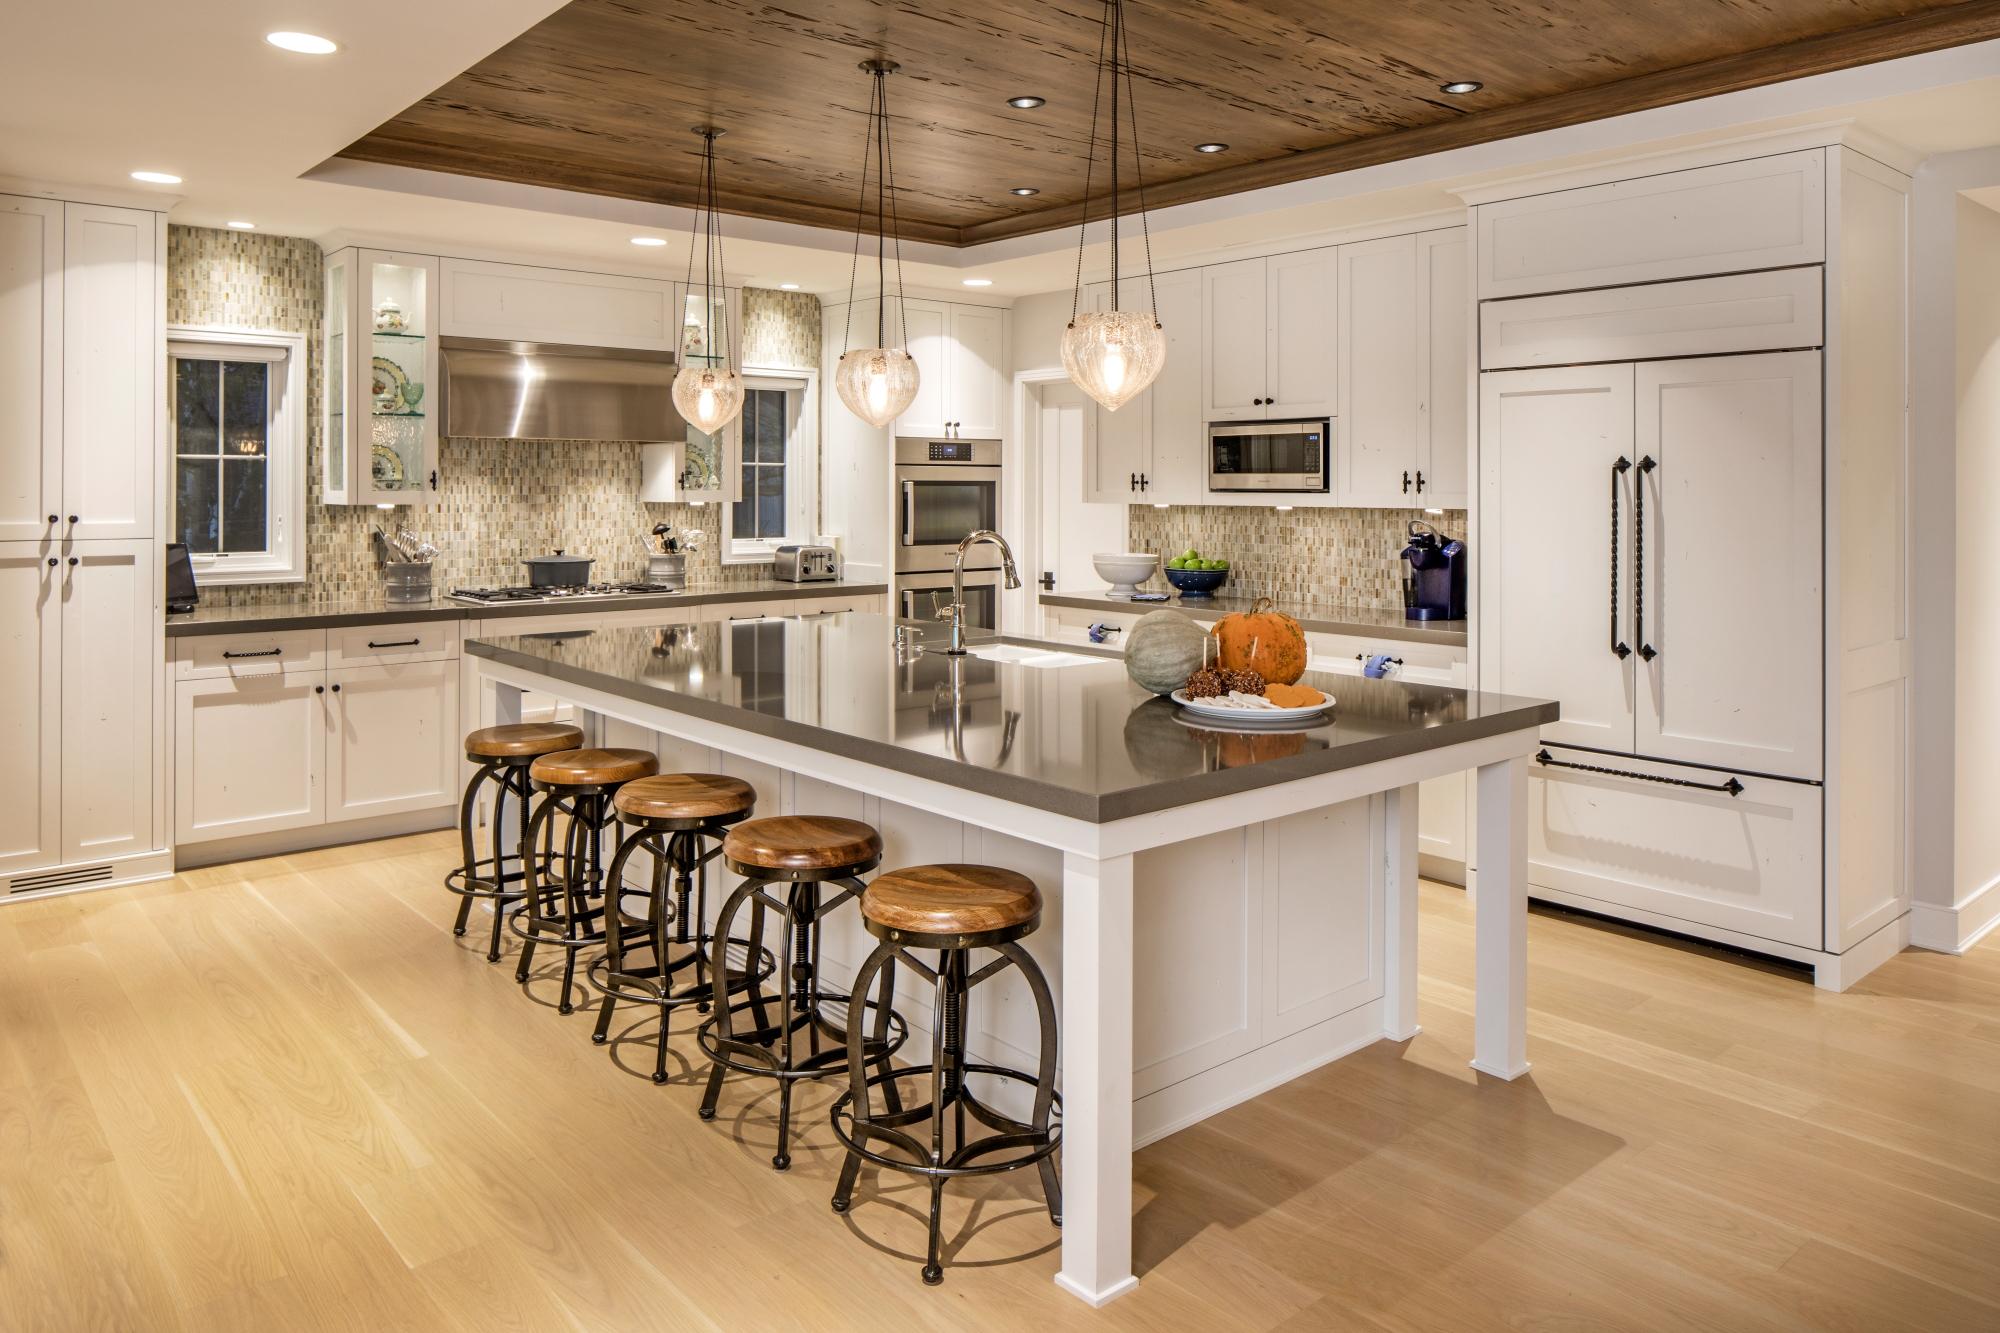 Decor Ideas For An Aesthetic Kitchen Wedding Affair